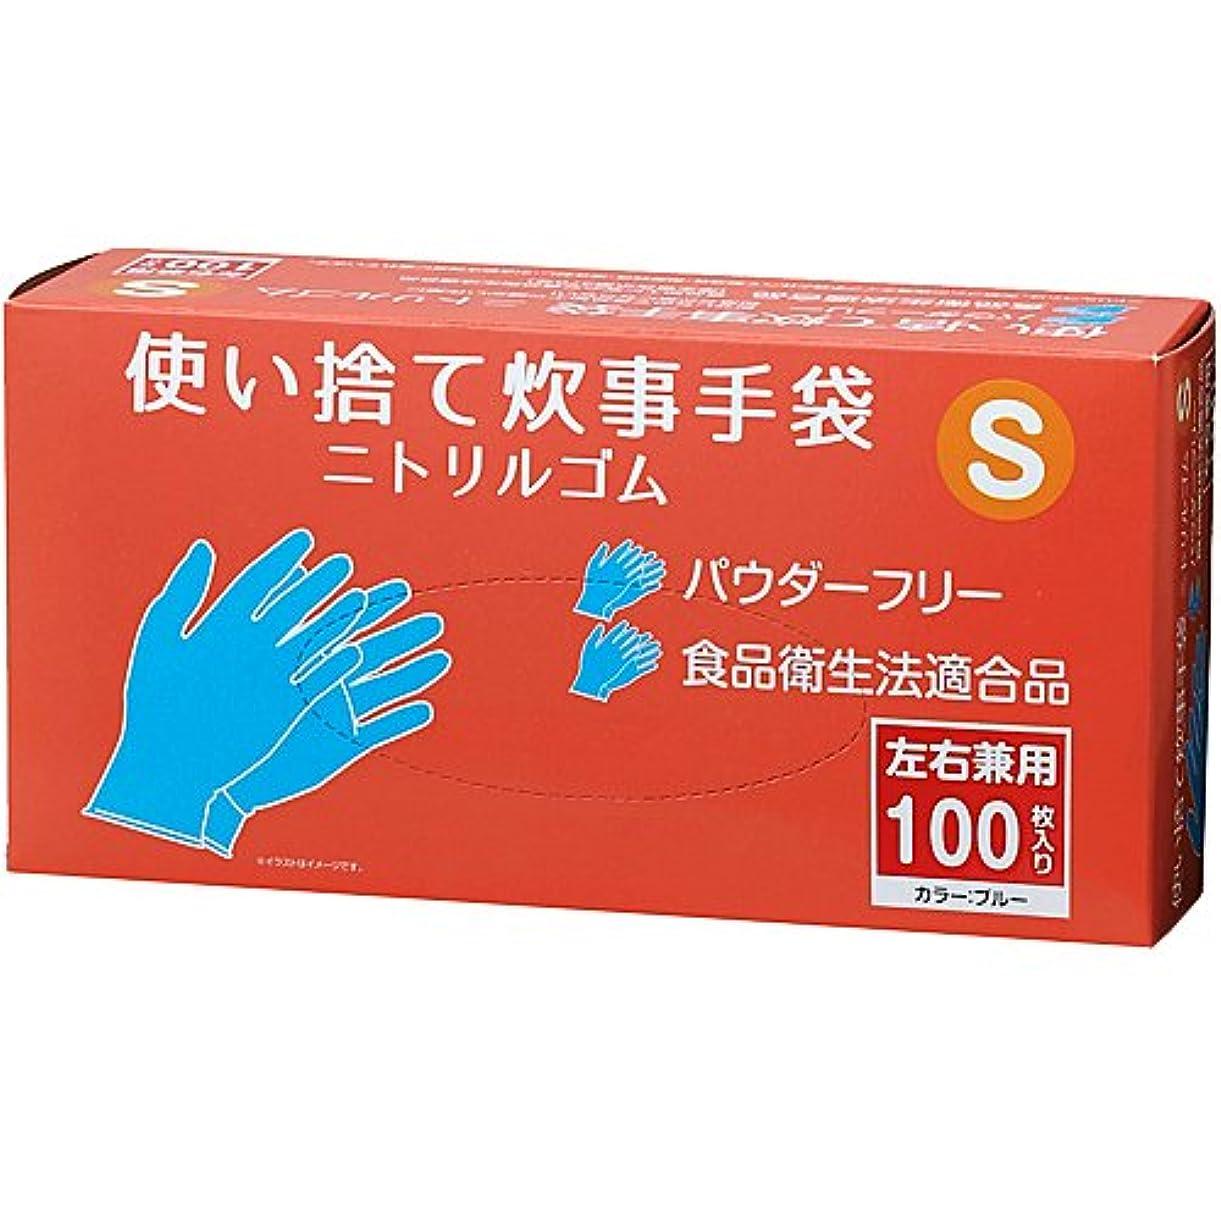 規制するコンプライアンス不快コーナンオリジナル 使い捨て炊事手袋 ニトリルゴム 100枚入り S KFY05-1142